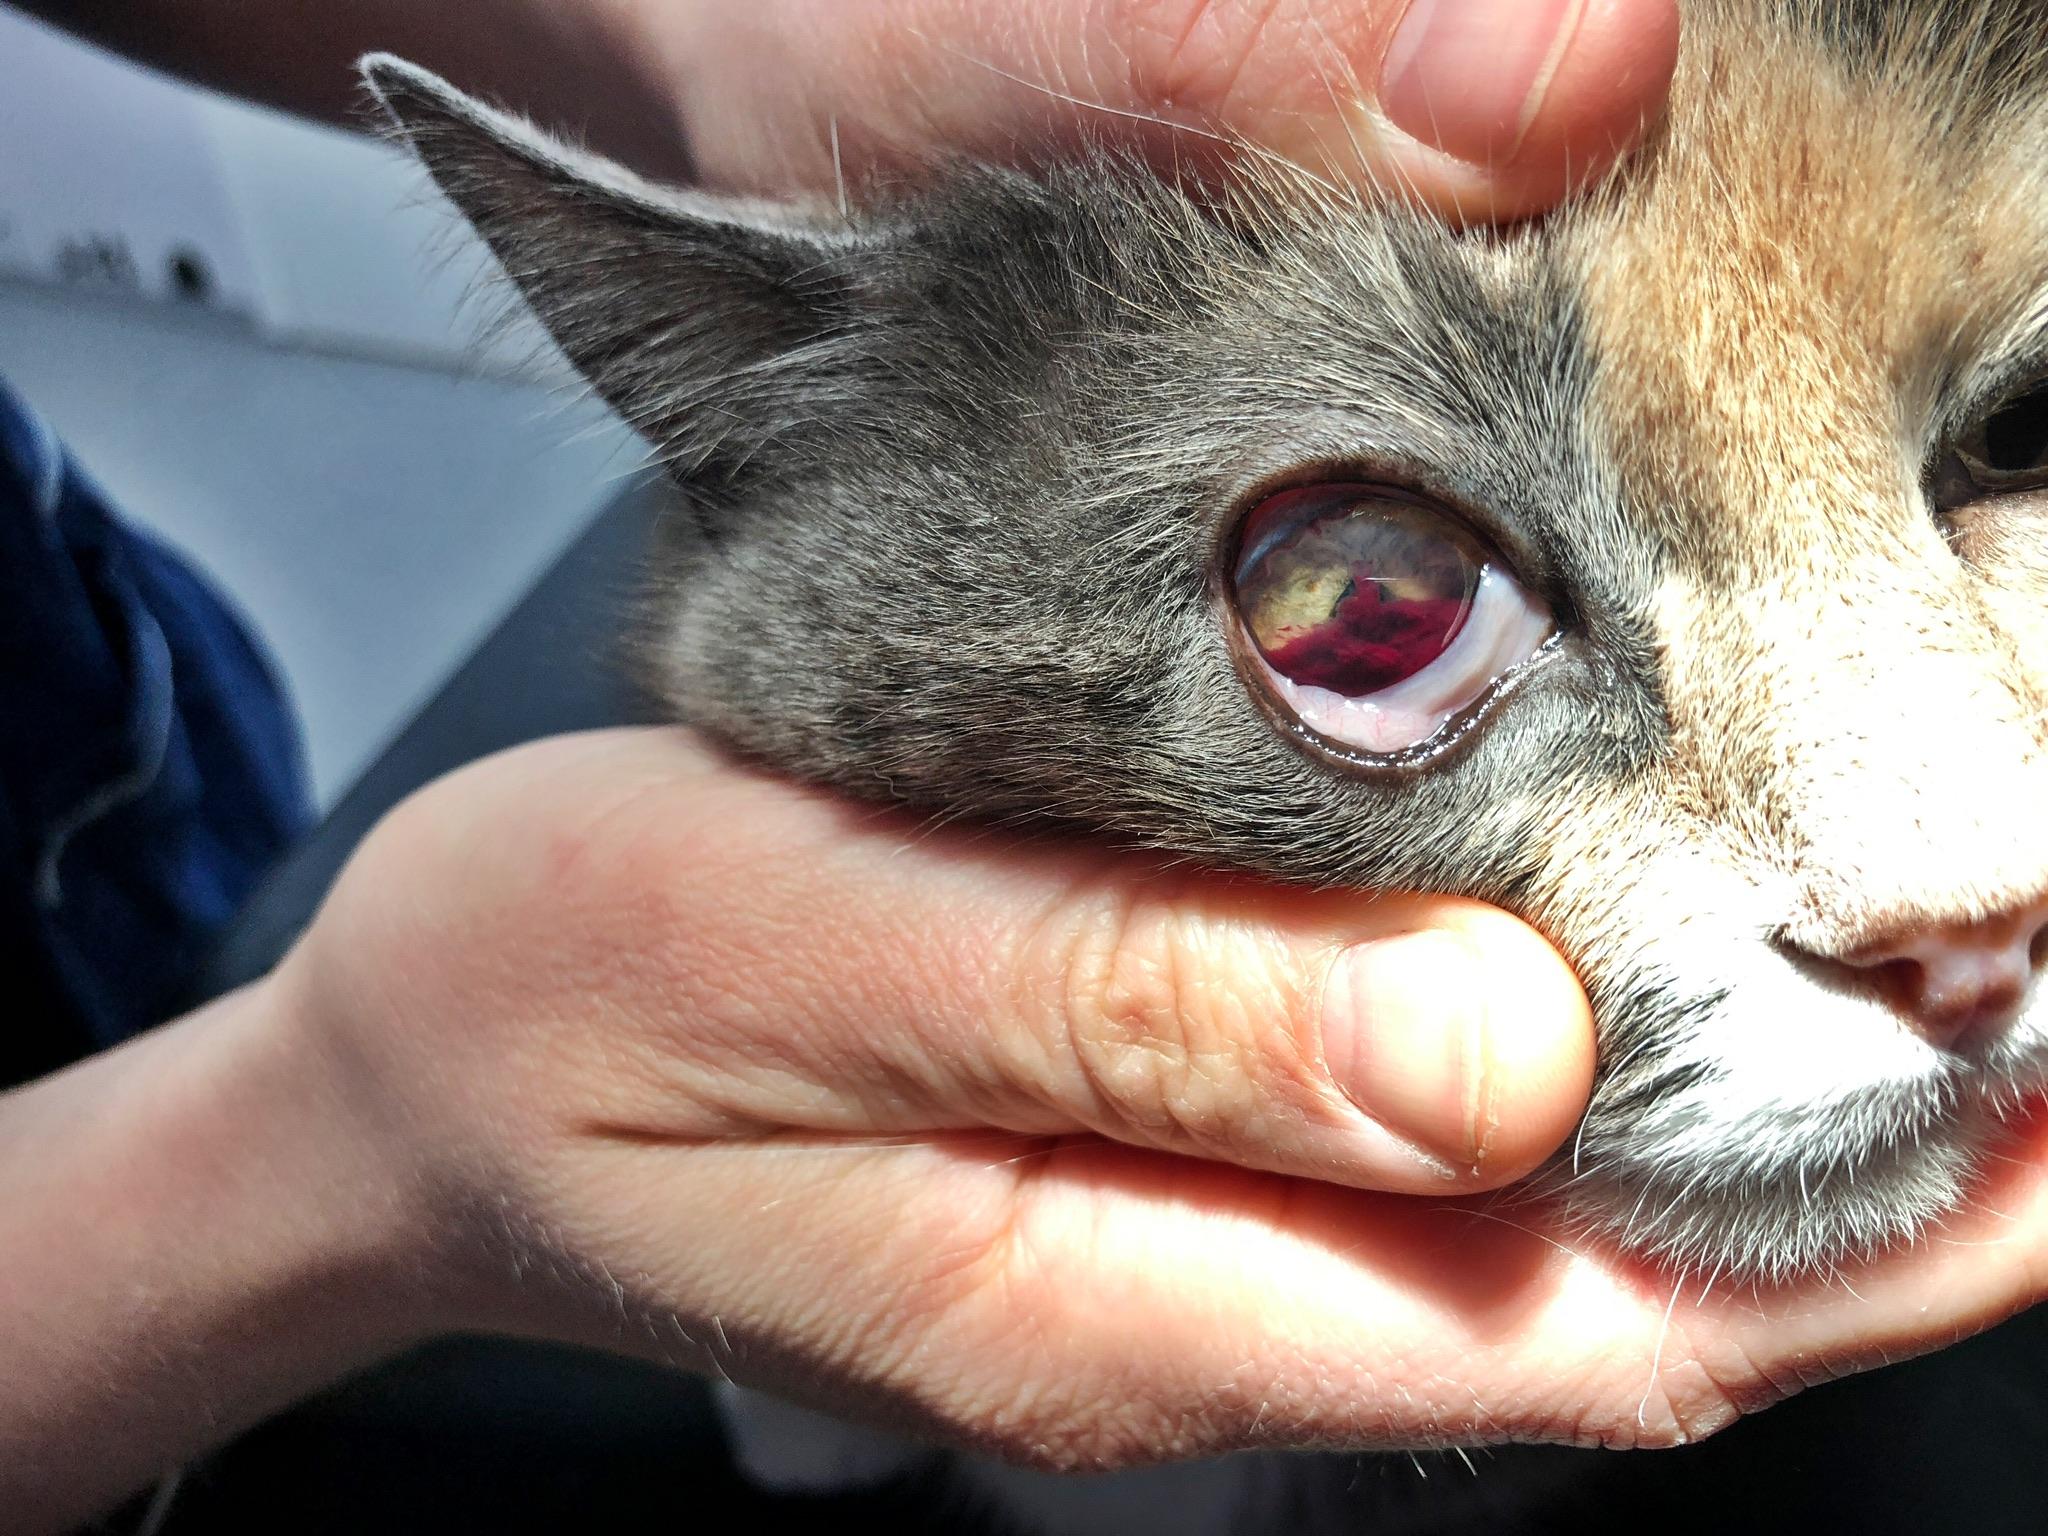 Blödning i ögat hos katt